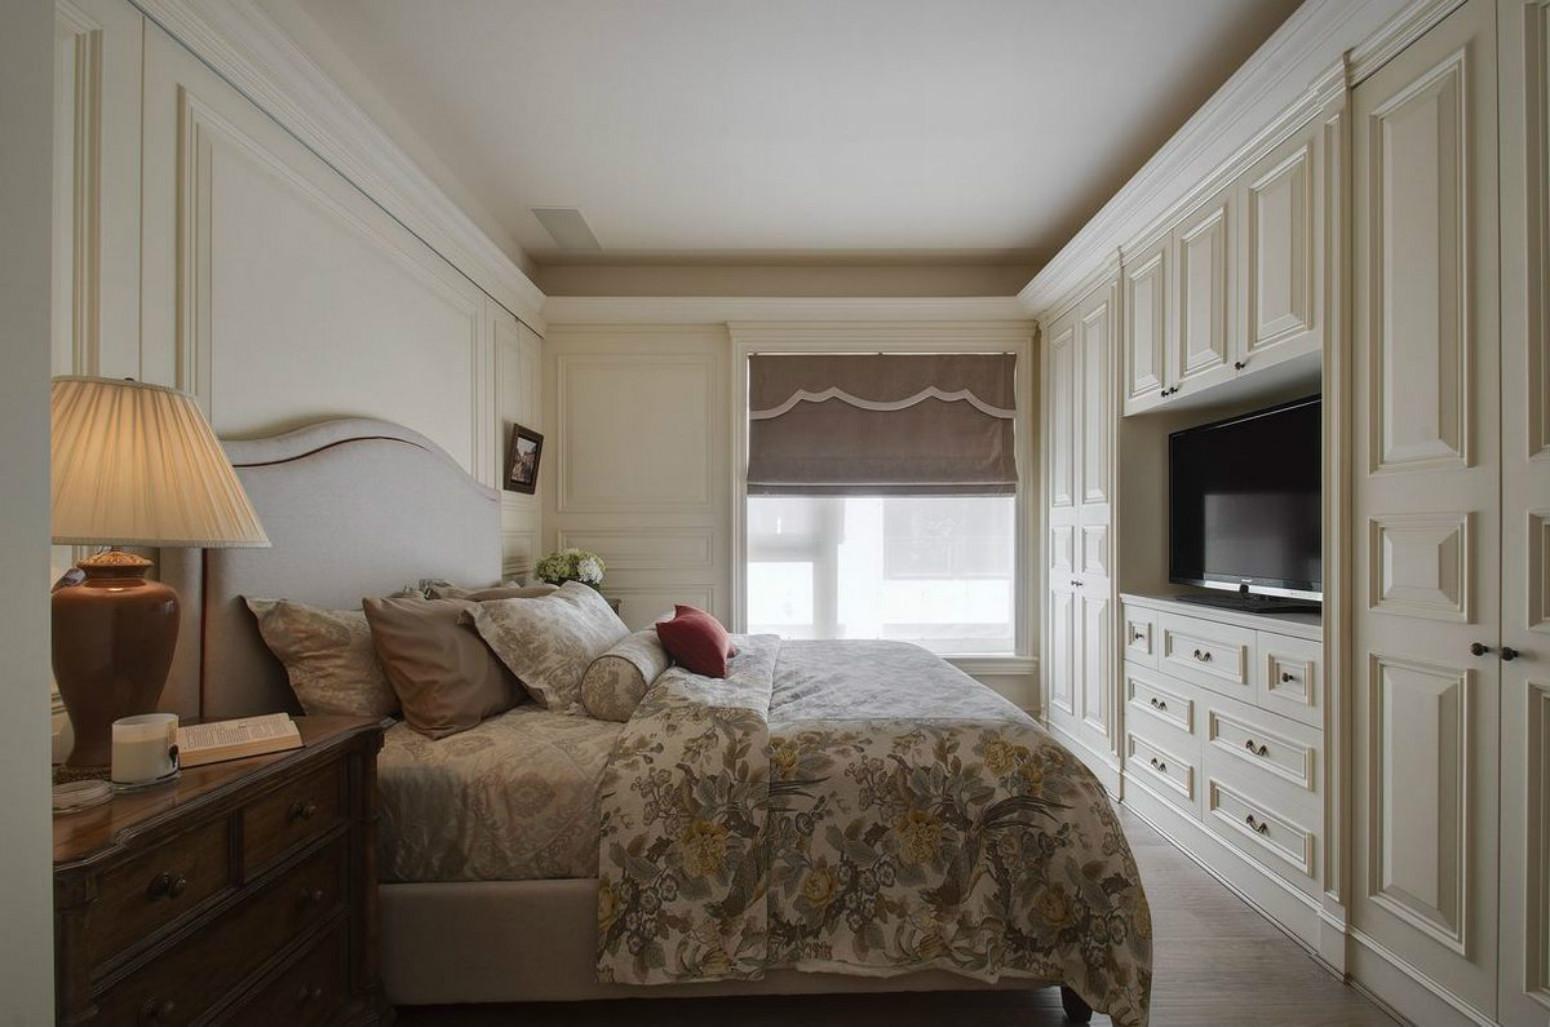 卧室米黄色的的色调,加上床品的质感,适合安静的休憩